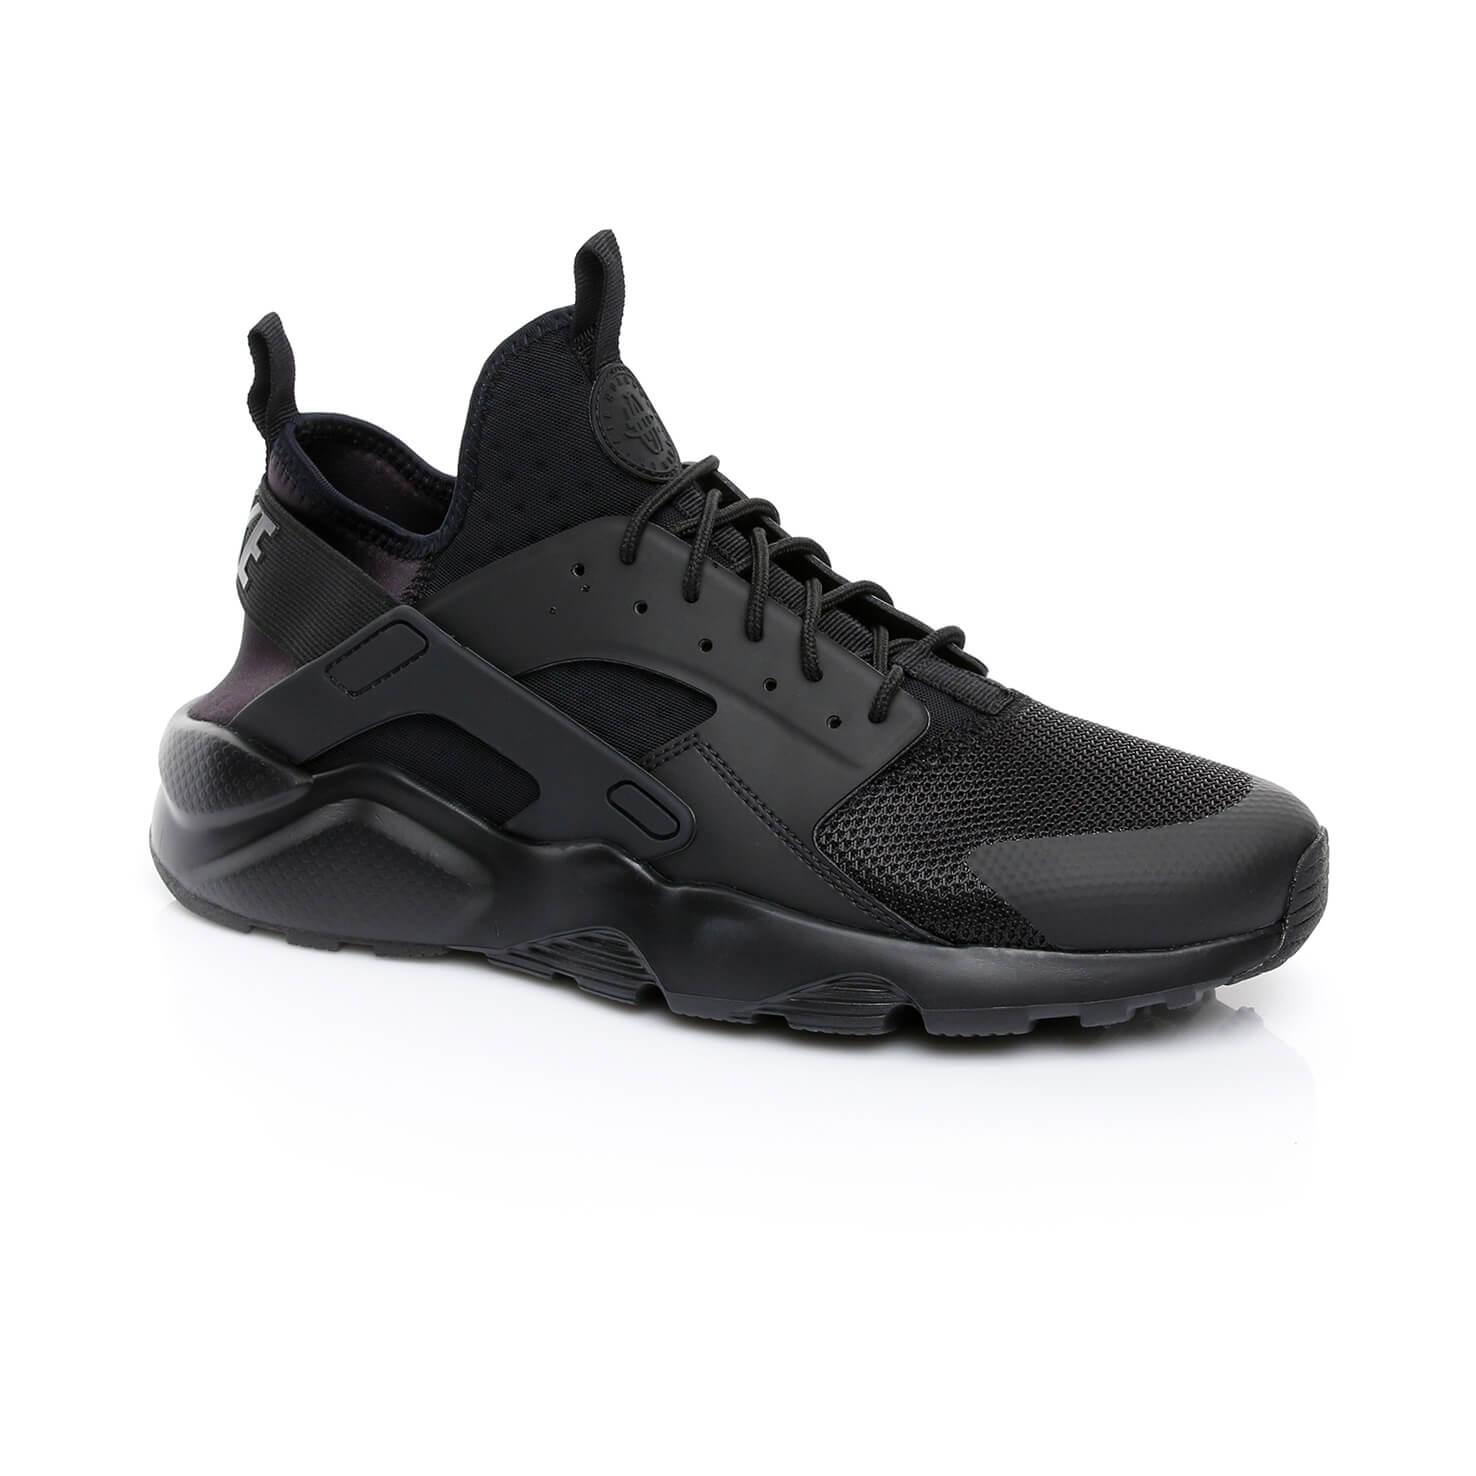 93dc82b65be1 Nike Air Huarache Run Ultra Erkek Siyah Sneaker Erkek Spor Ayakkabı ...